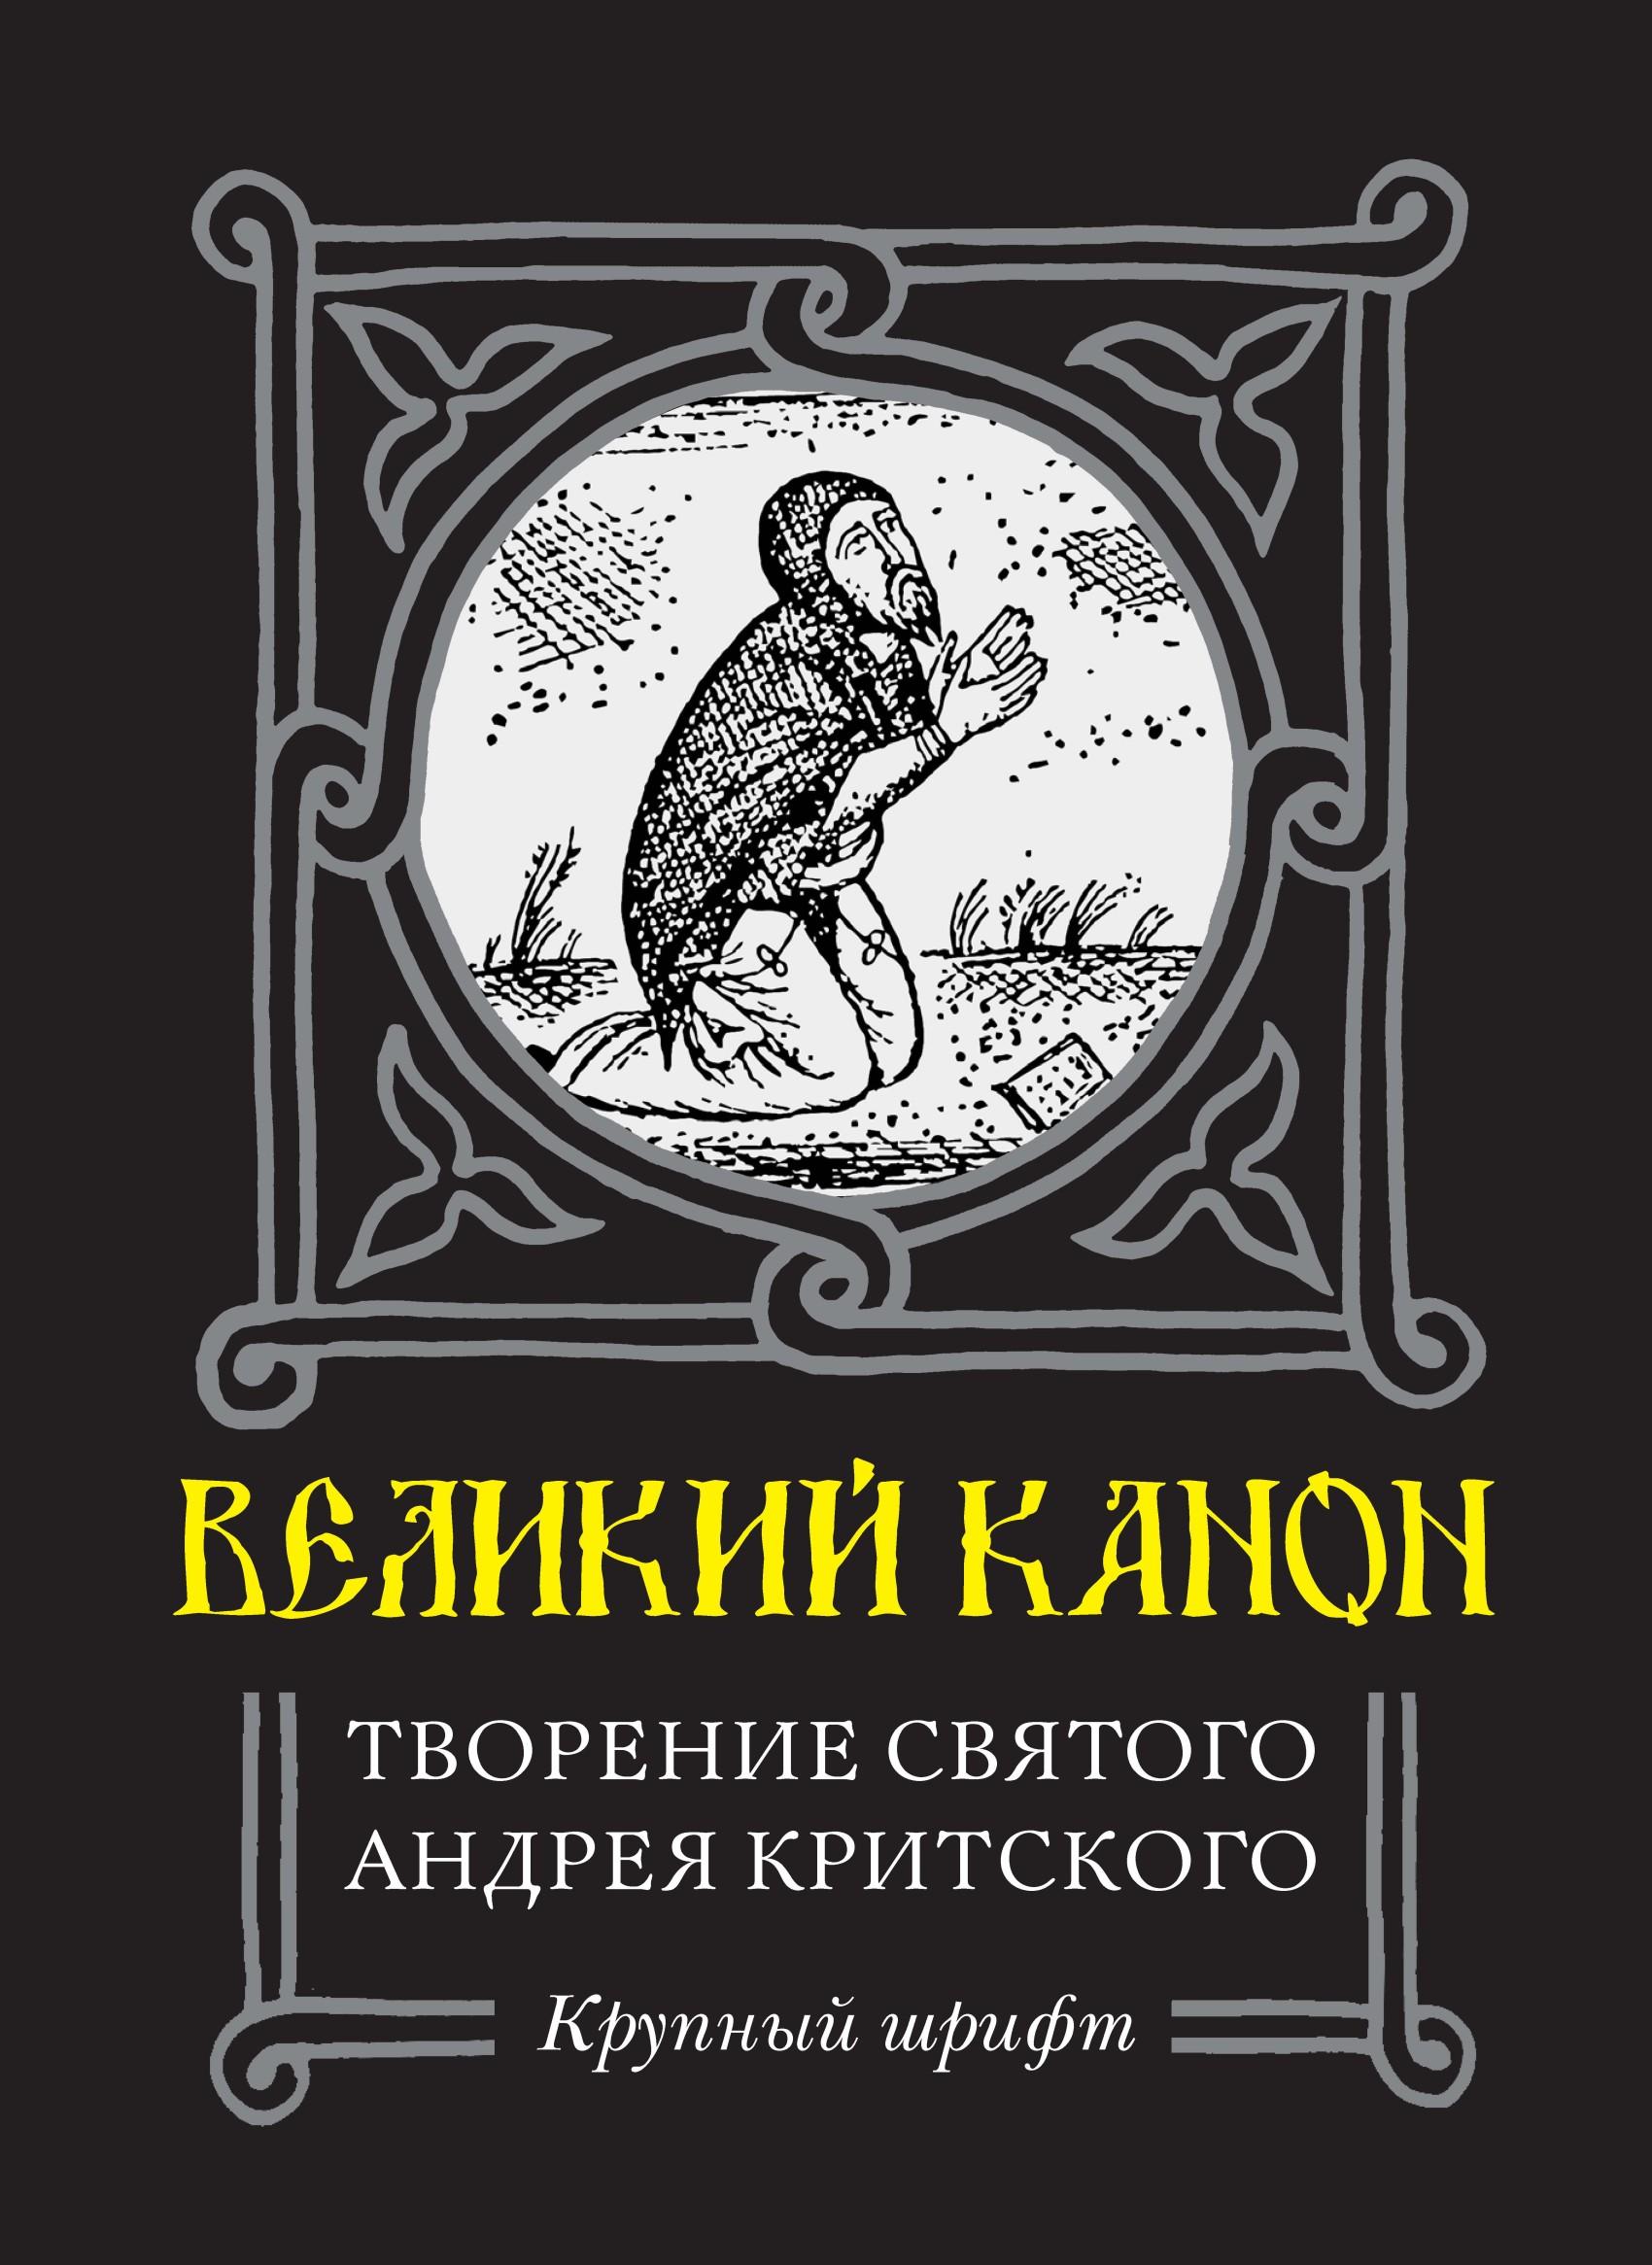 Купить книгу Великий Канон. Творение преподобного Андрея Критского, автора